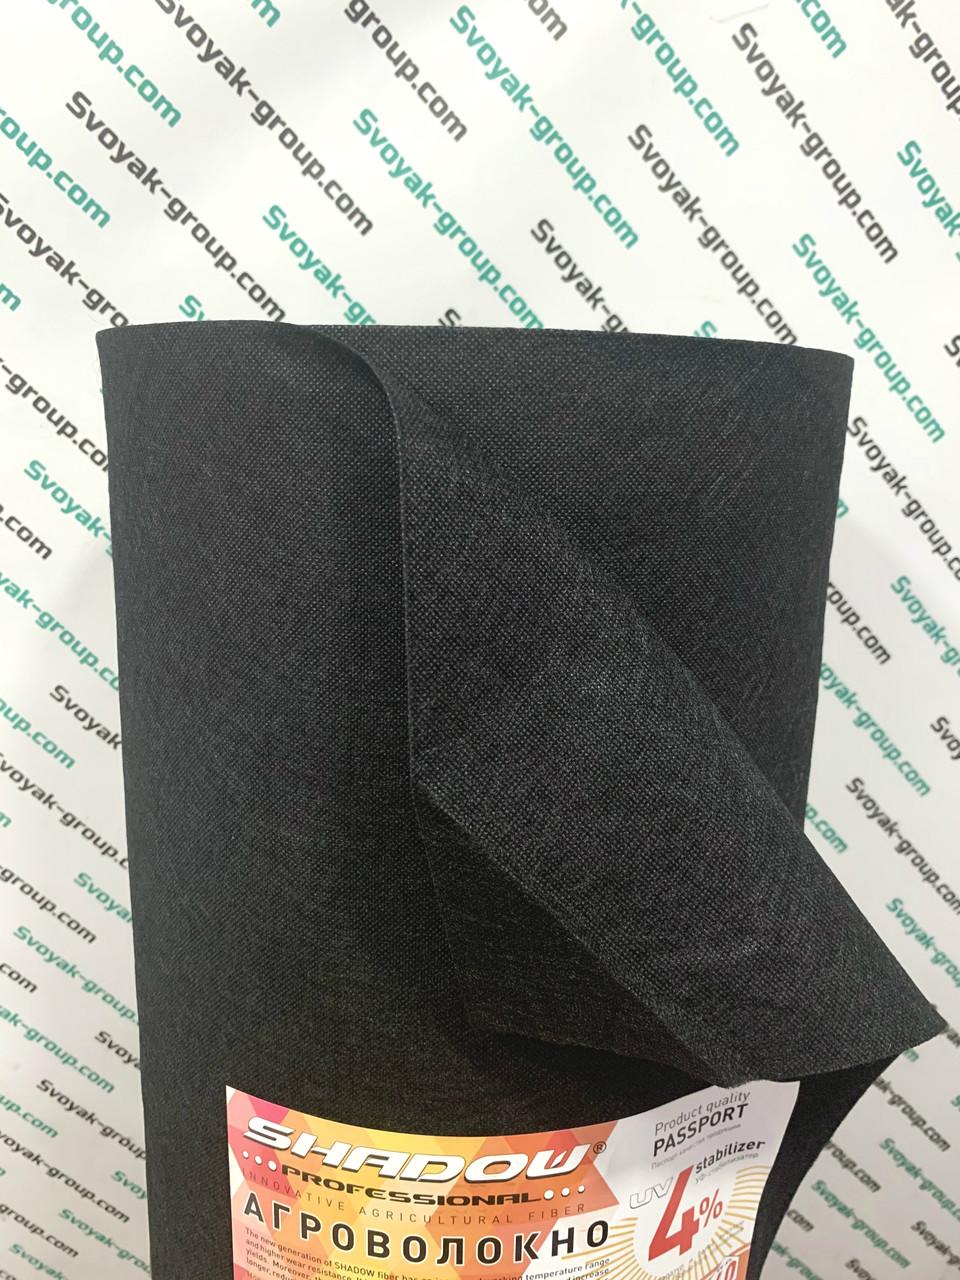 Агроволокно чорне Shadow (Чехія) 60г/м2 1,6х100м.